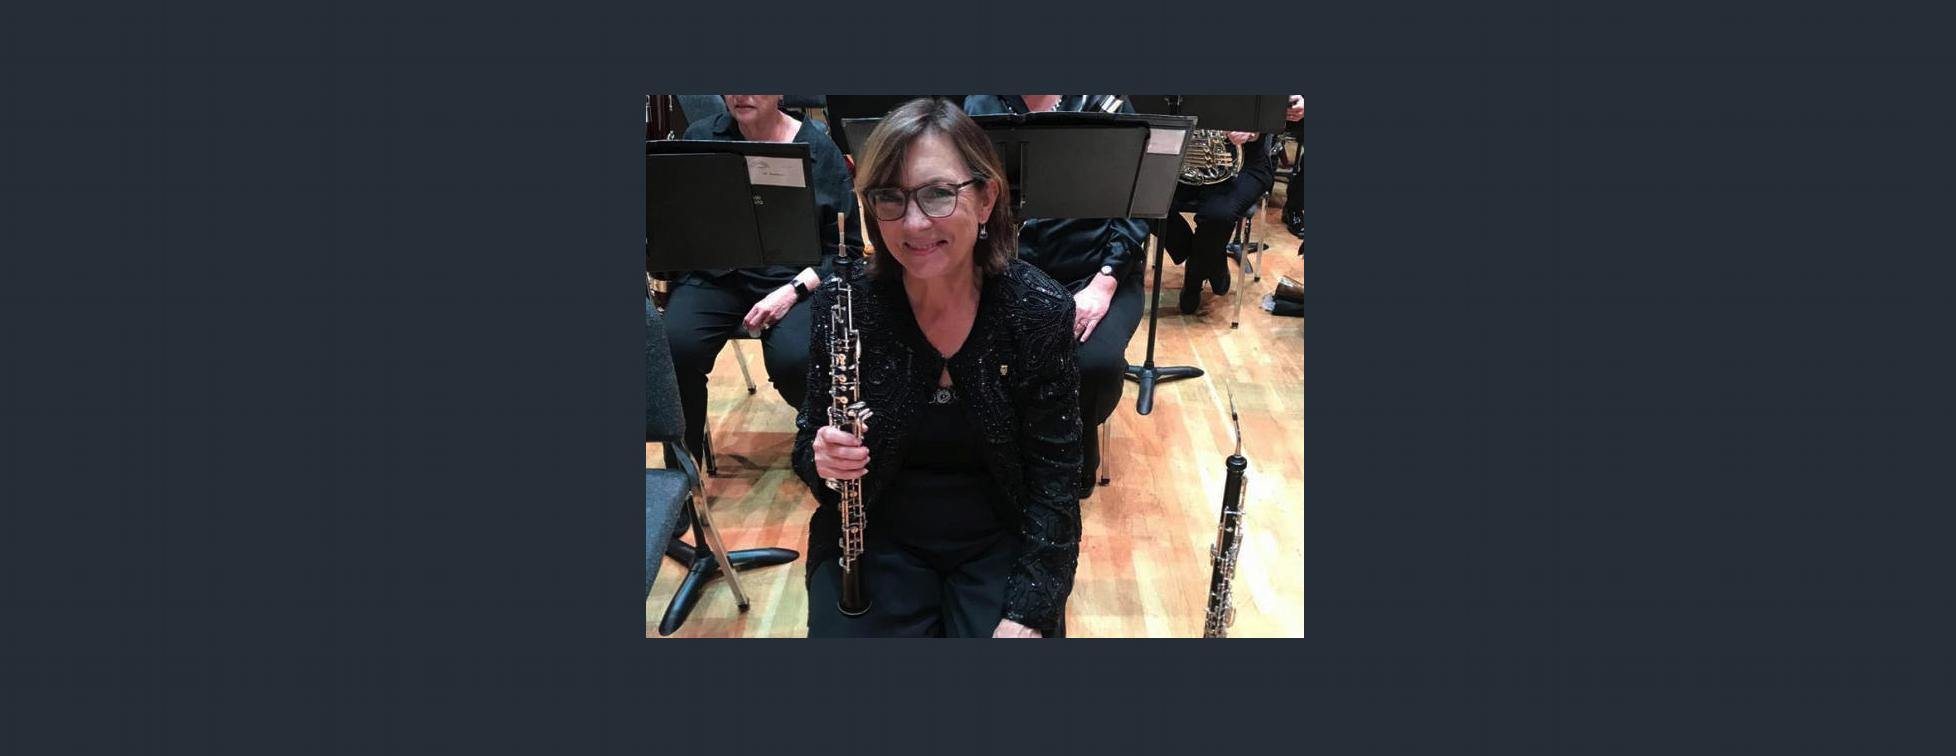 Disparition : hommage à la musicienne d'un orchestre de Miami décédée suite à une chute juste avant un